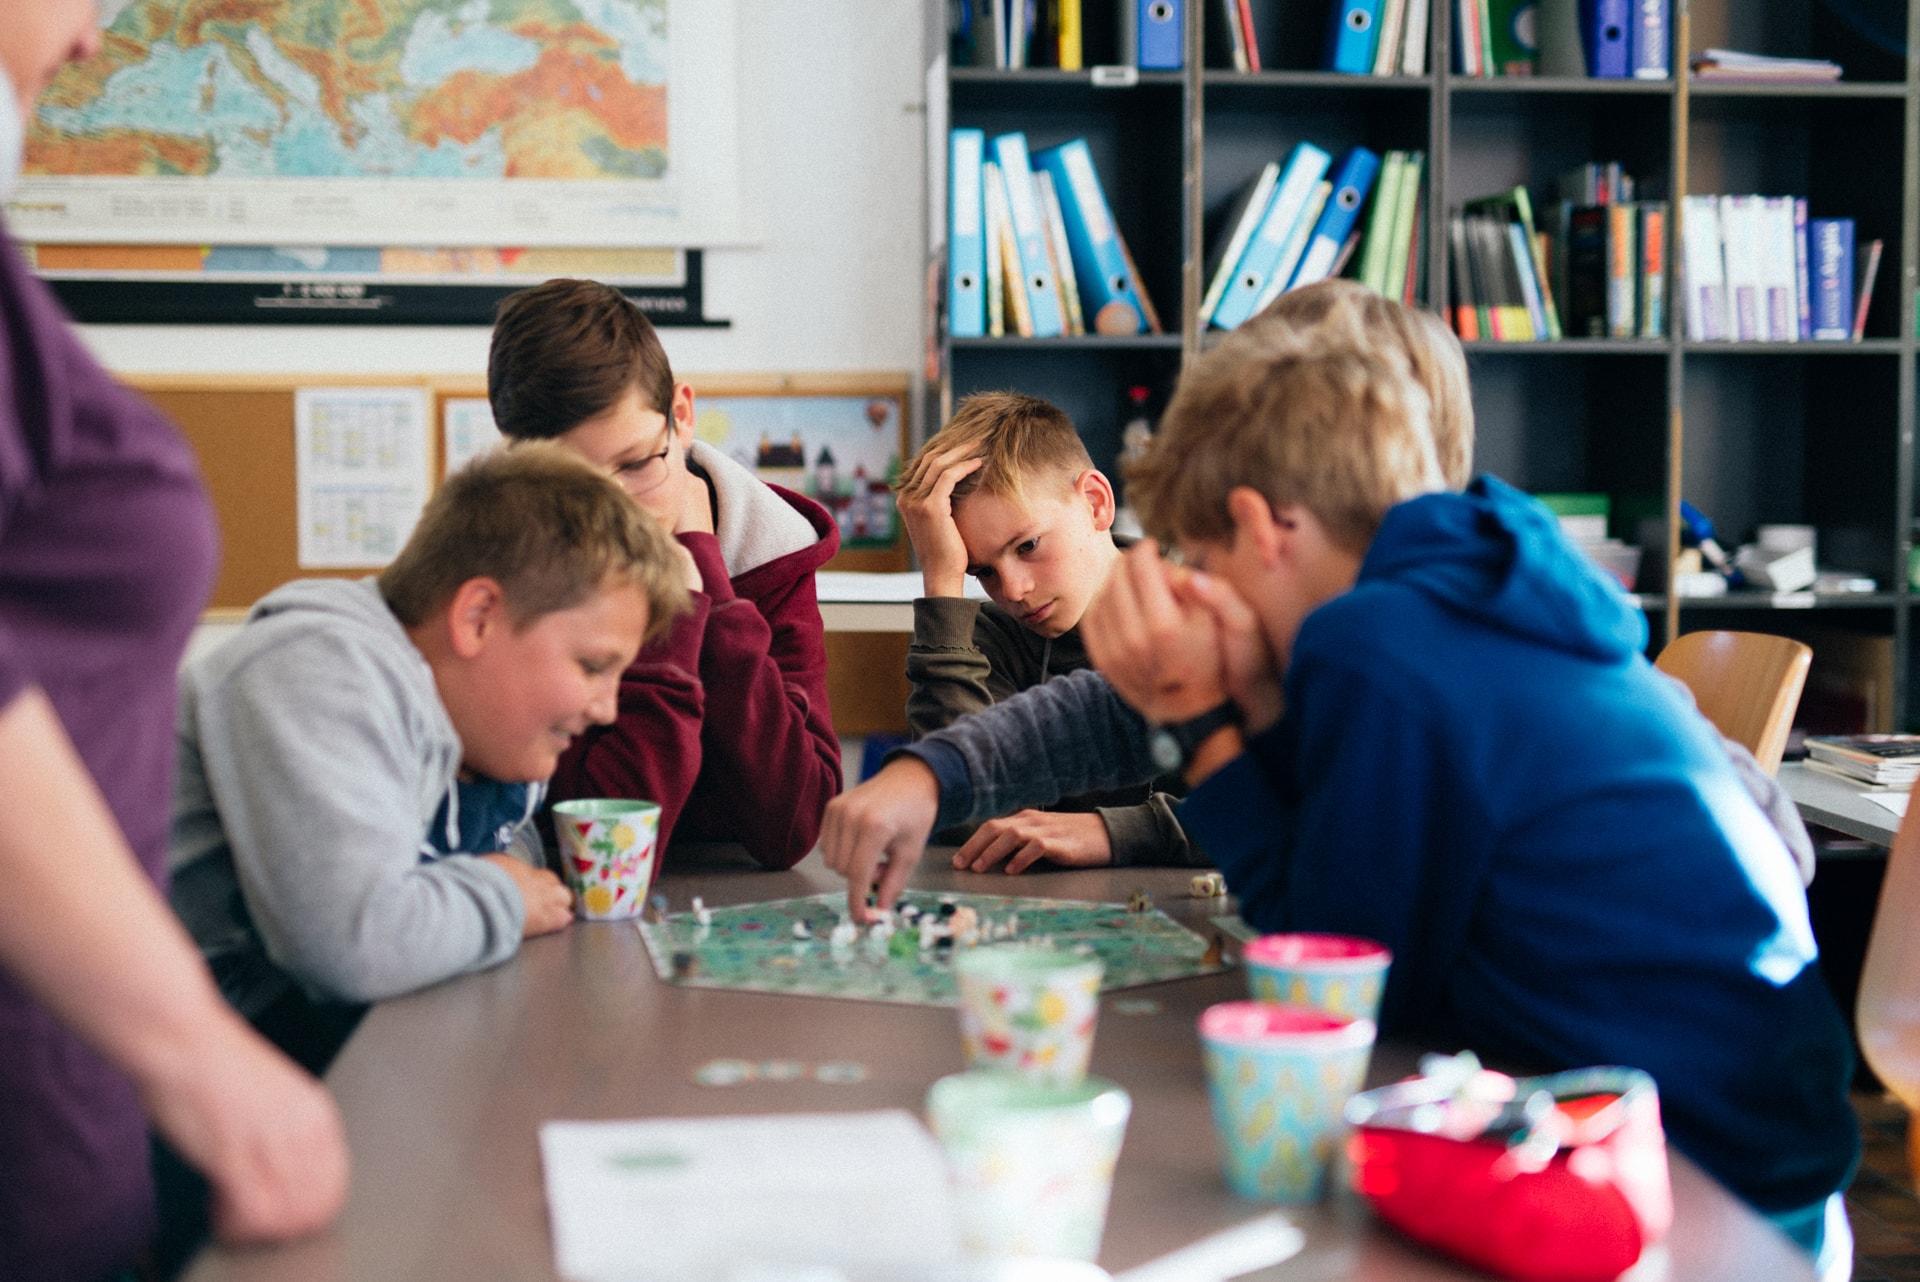 Ecole Edenpark - Une école originale - Une école pour la famille